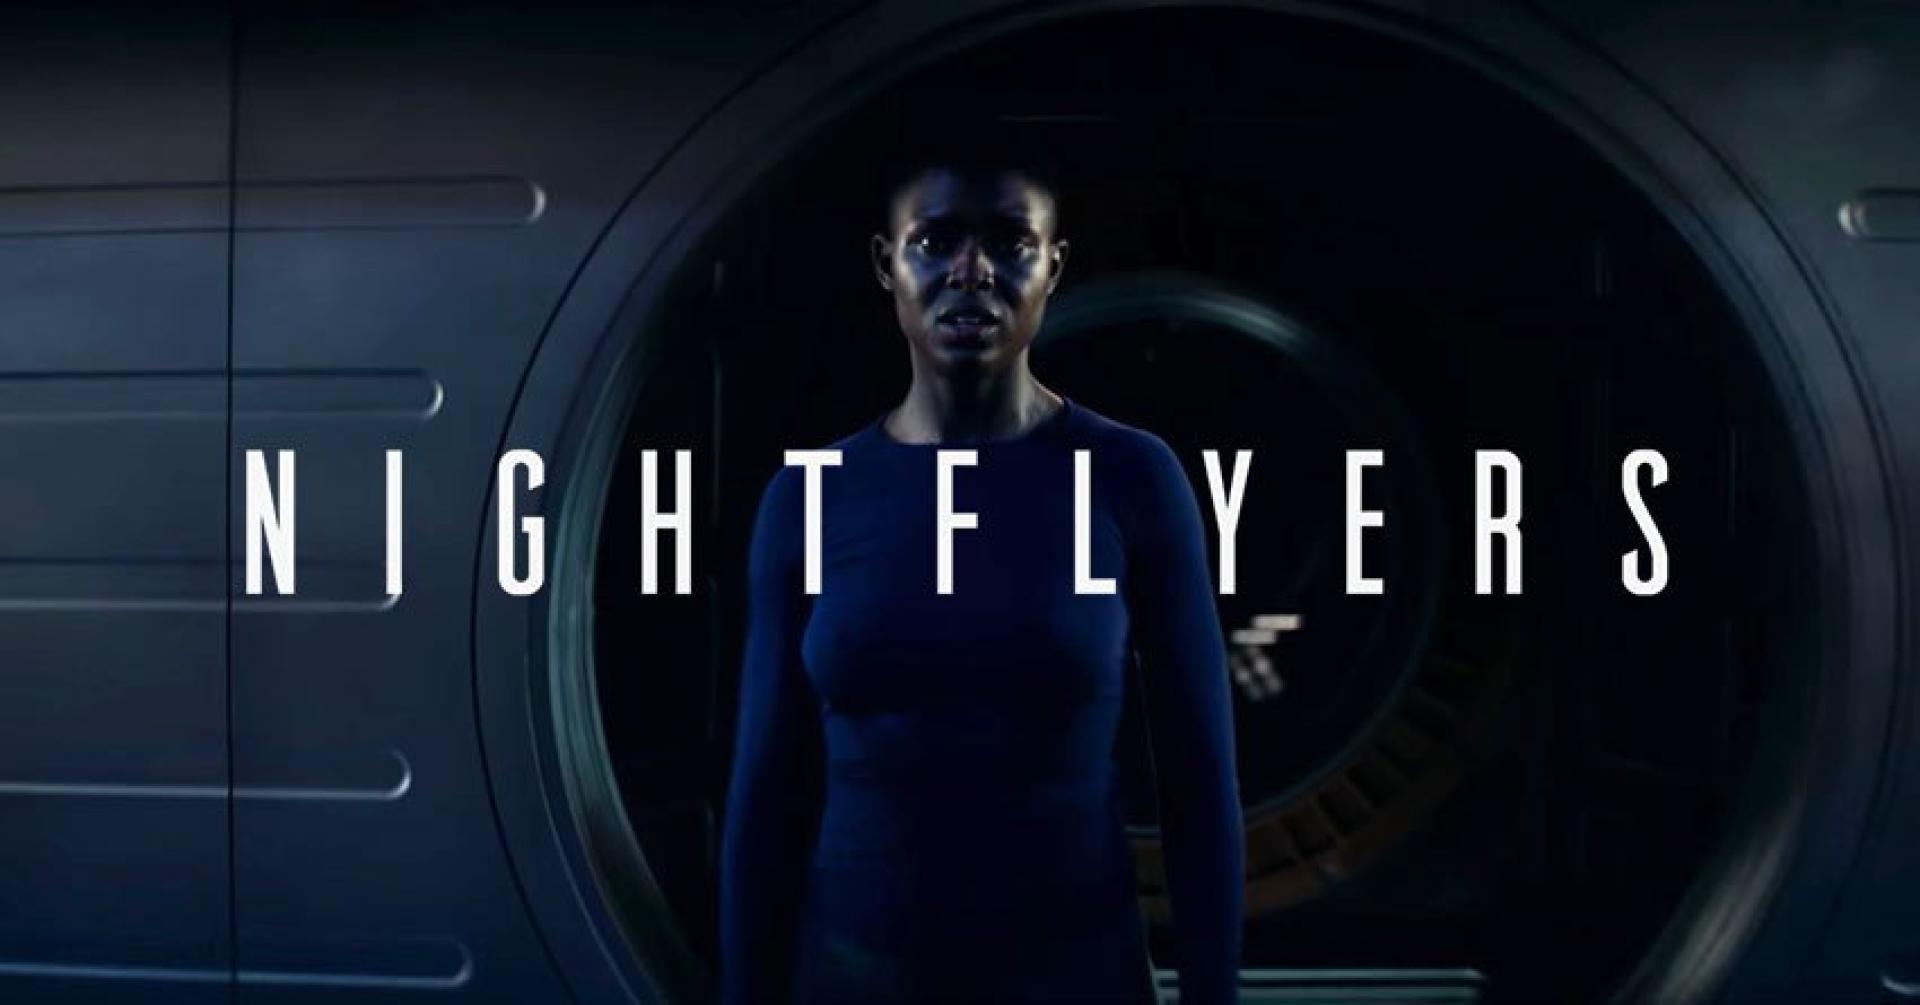 Itt az újabb beharangozó a Nightflyers sorozathoz